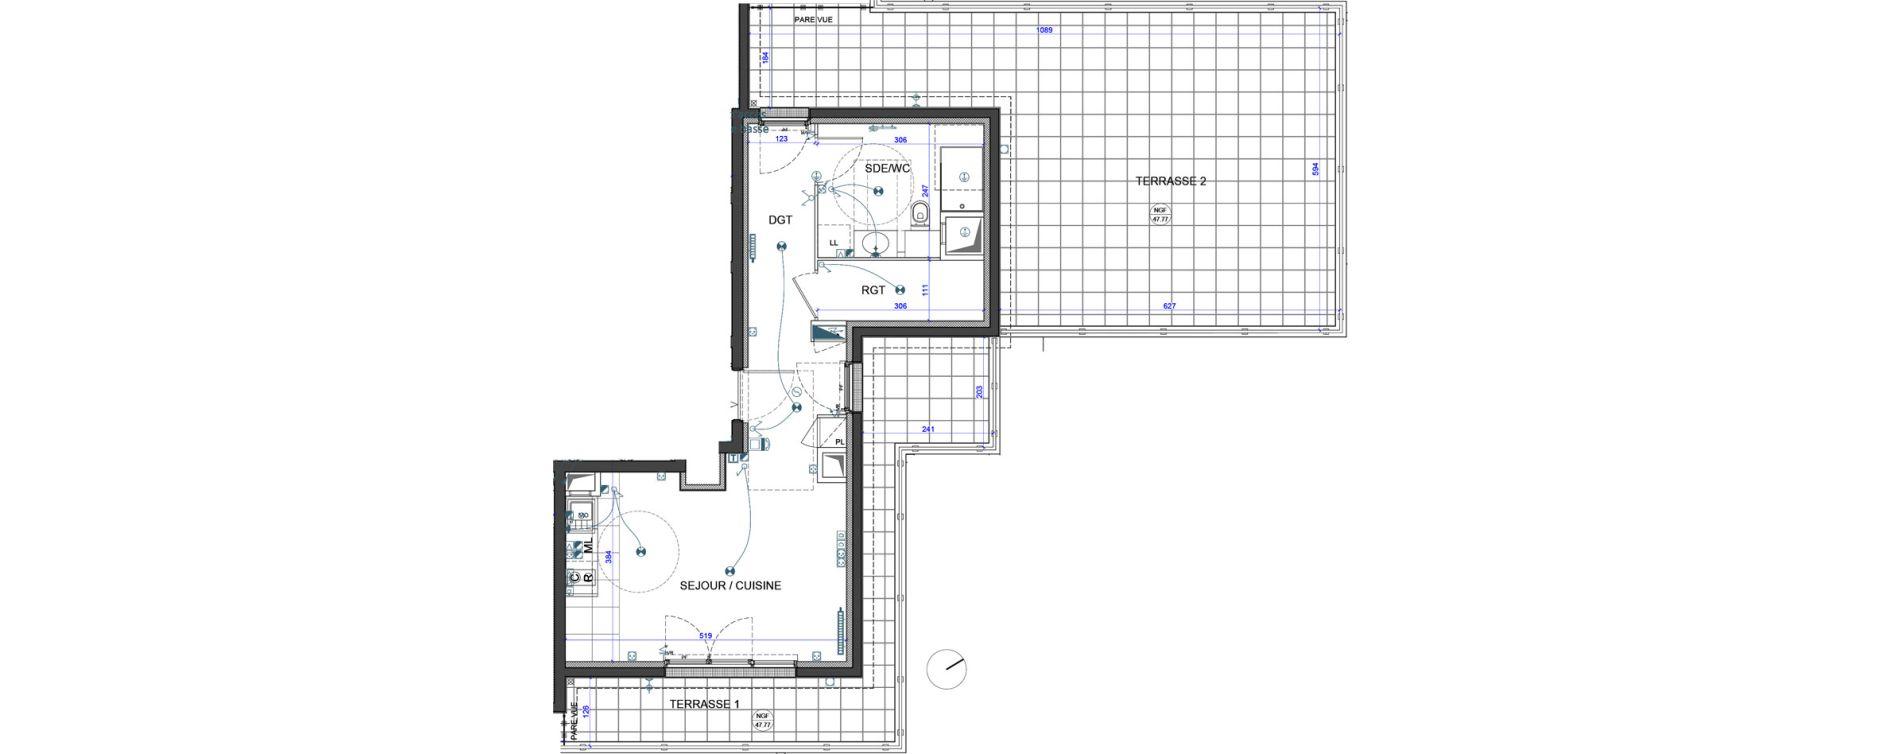 Appartement T1 de 37,00 m2 à Verneuil-Sur-Seine Le vieux verneuil